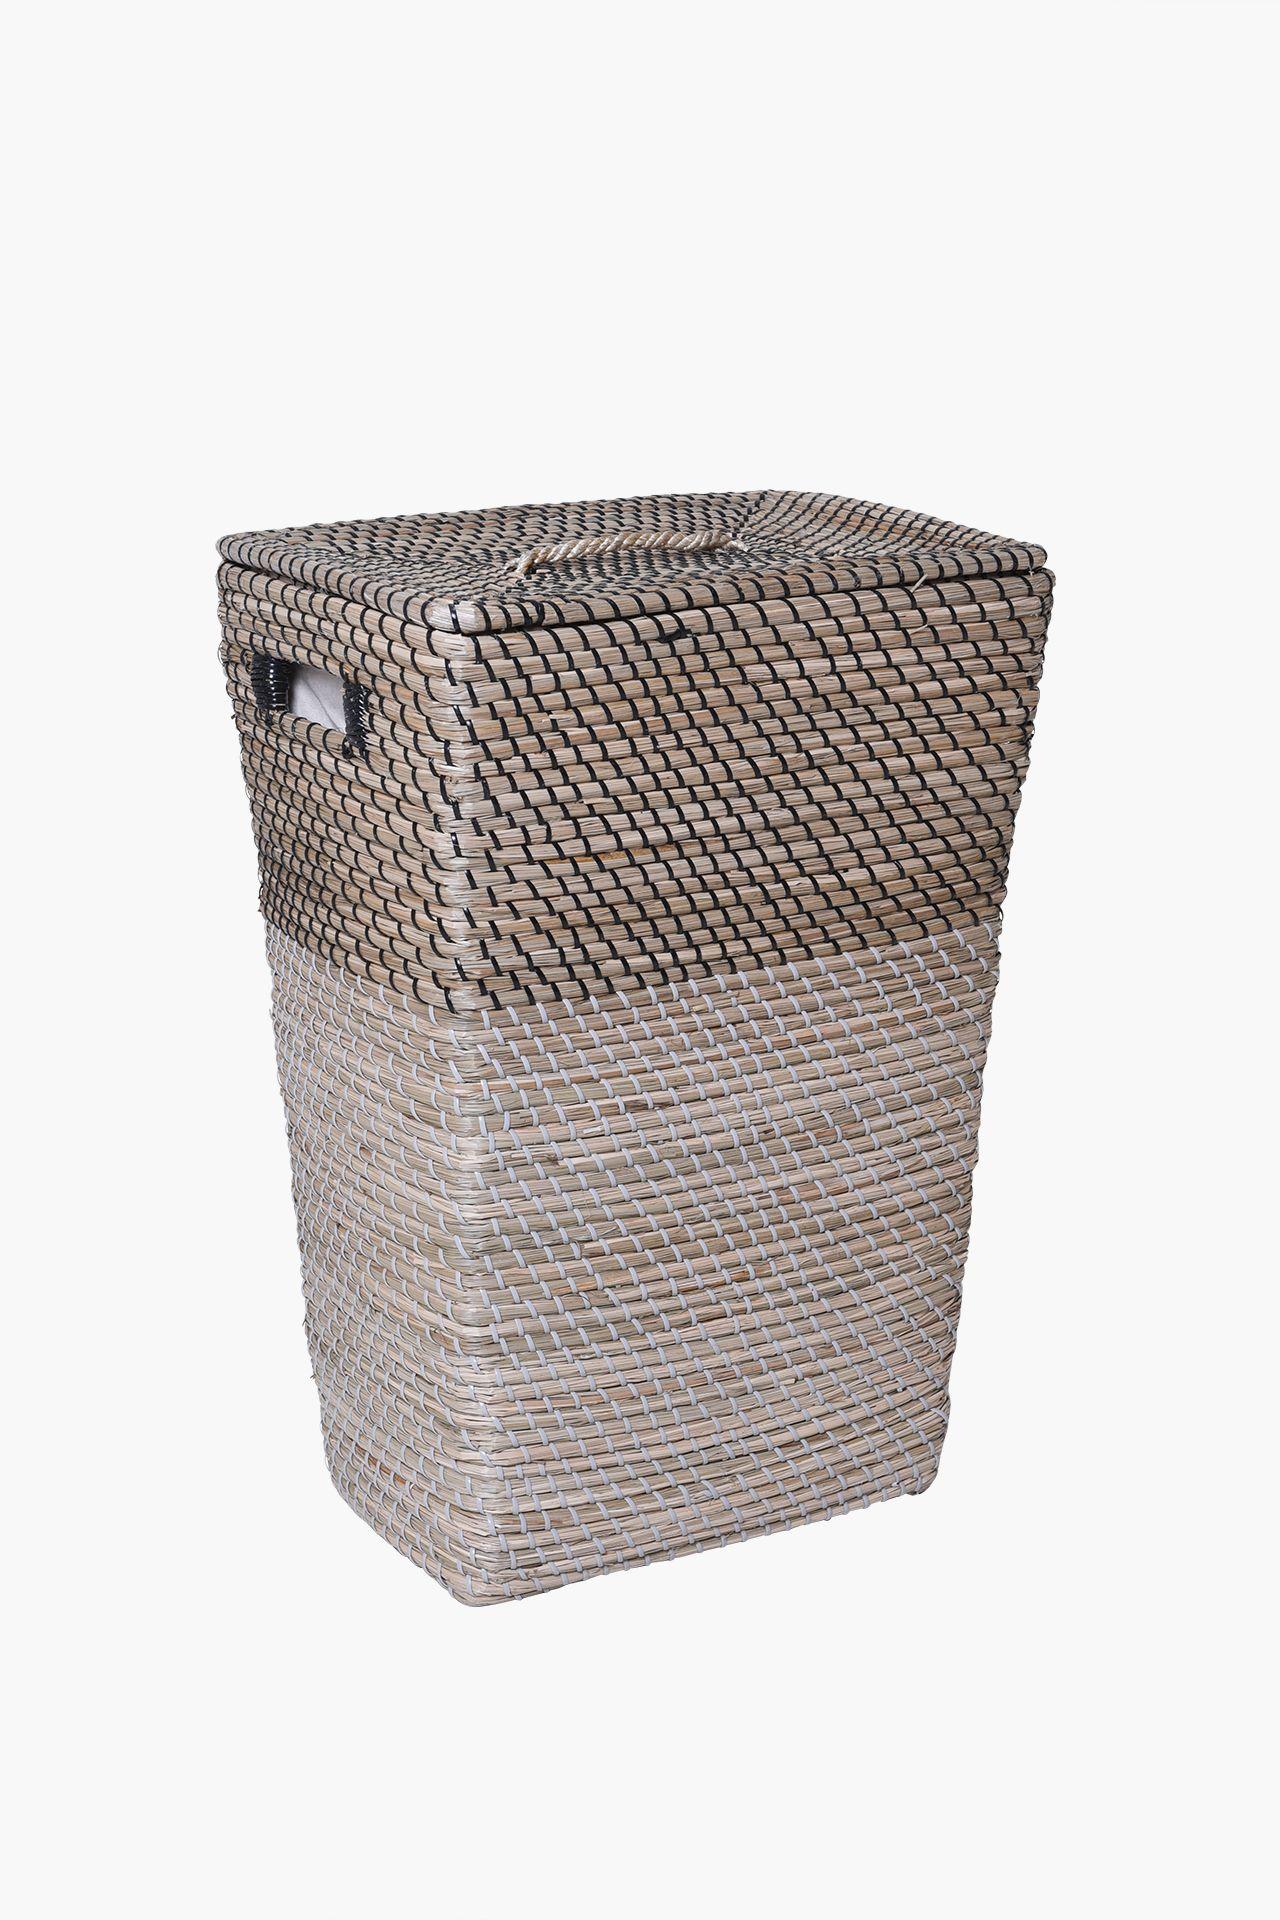 w schekorb w schebox w schesammler korb seegras home 60 cm hoch natur schwarz ebay. Black Bedroom Furniture Sets. Home Design Ideas